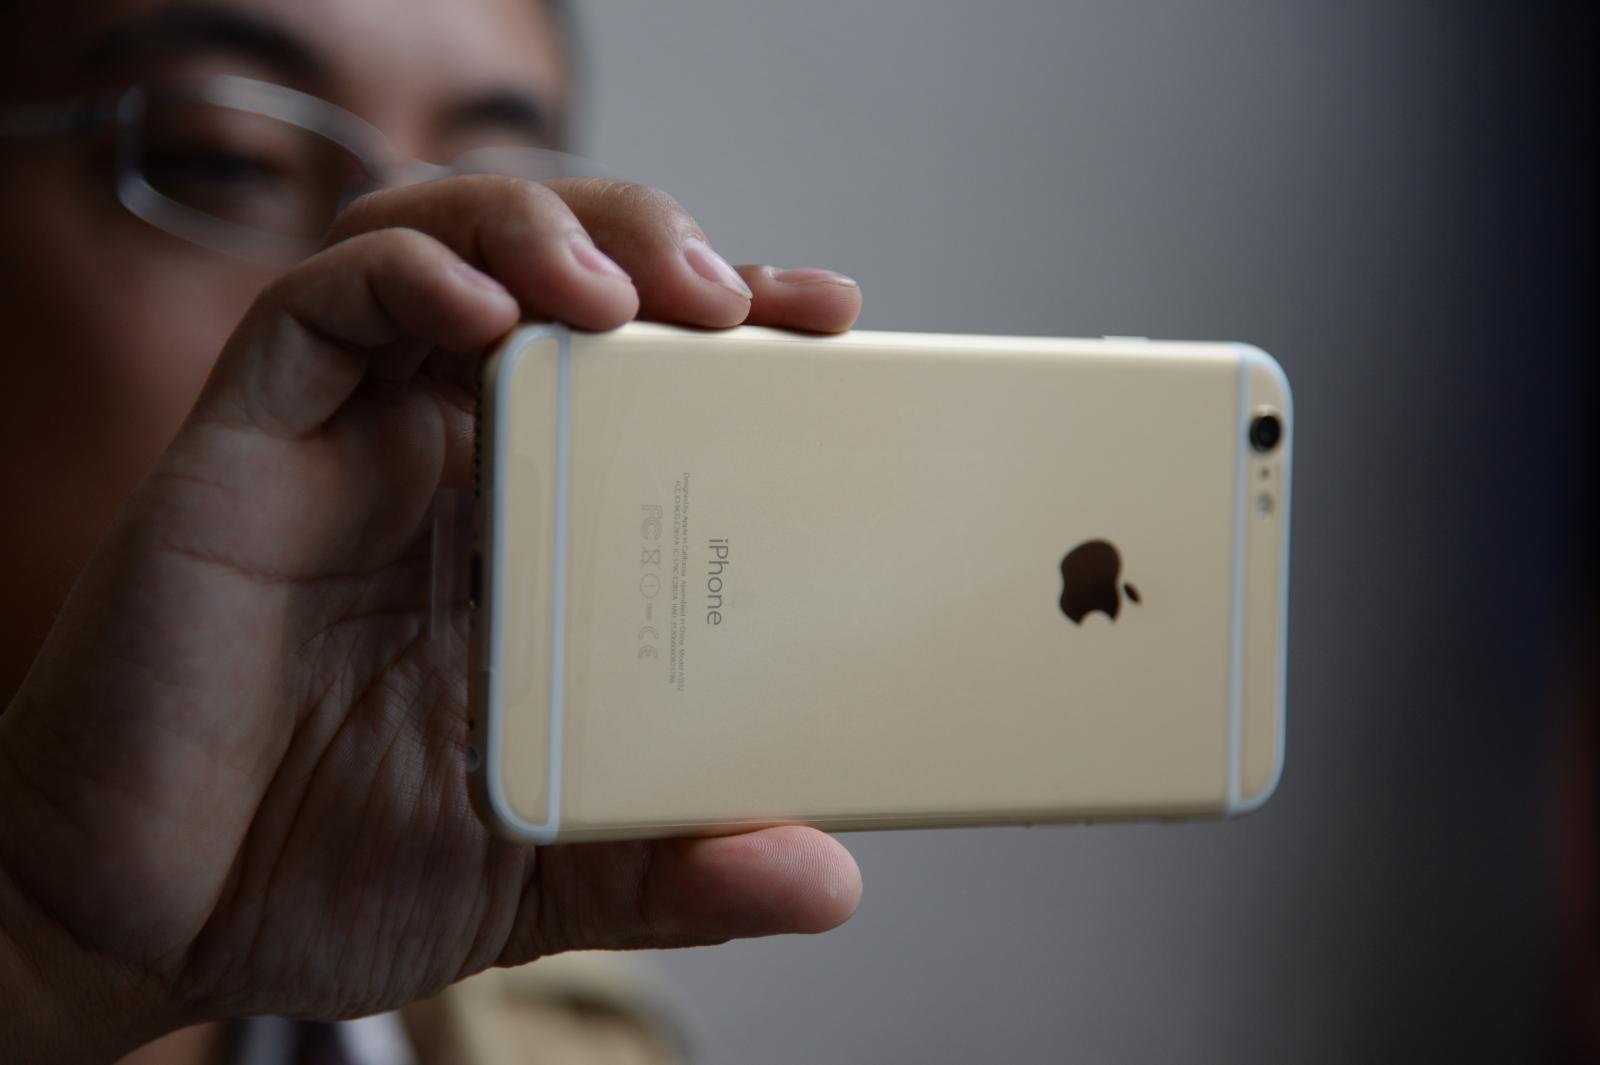 """""""แอปเปิล""""เปิดตัวระบบปฏิบัติการใหม่ ช่วยไอโฟนทำงานเร็วกว่าเดิม"""